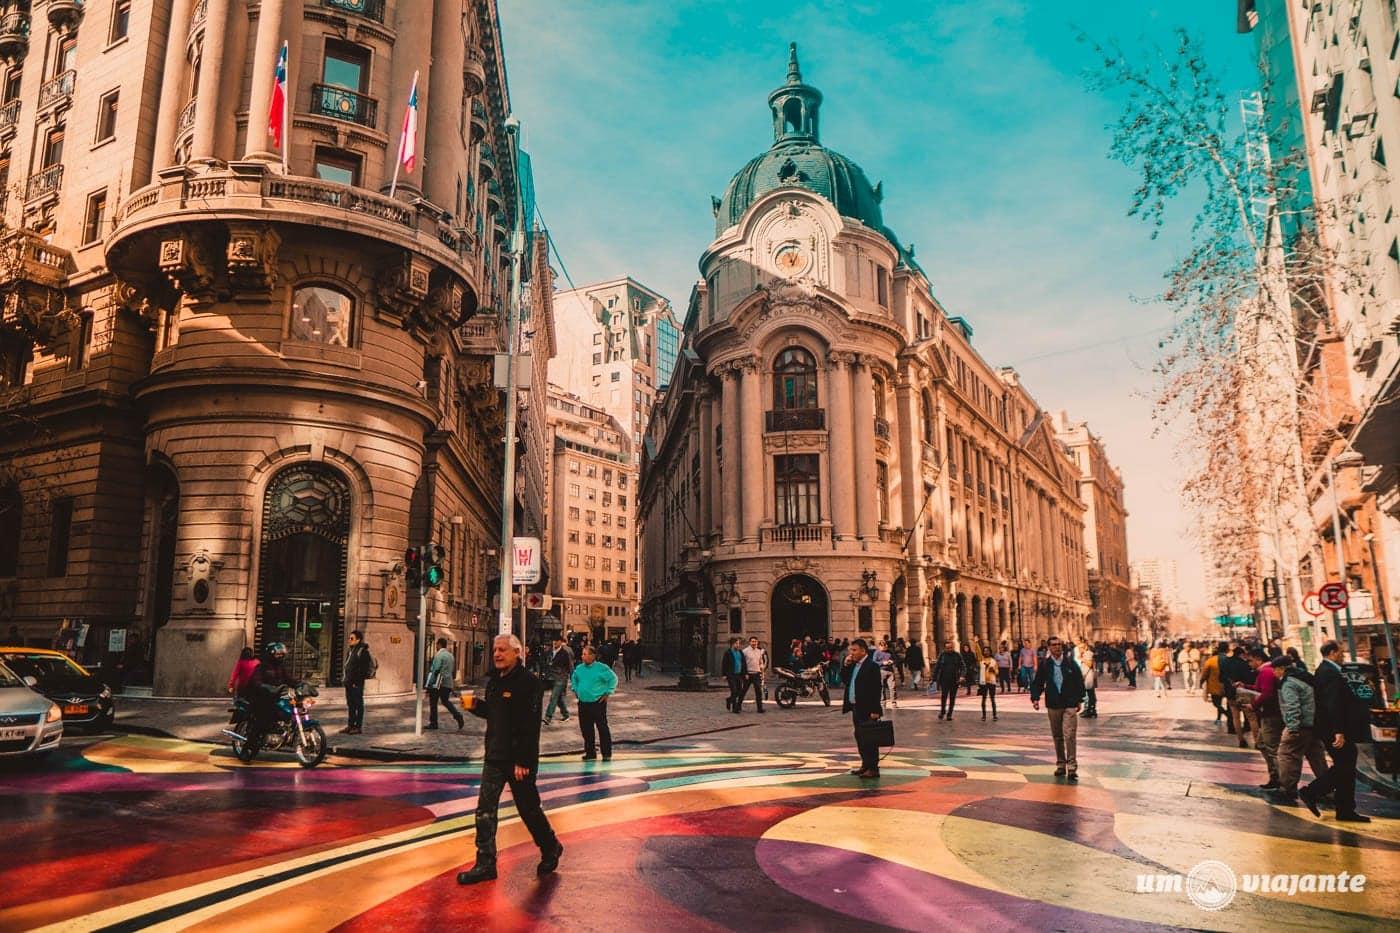 Rua colorida no centro de Santiago - CityTour